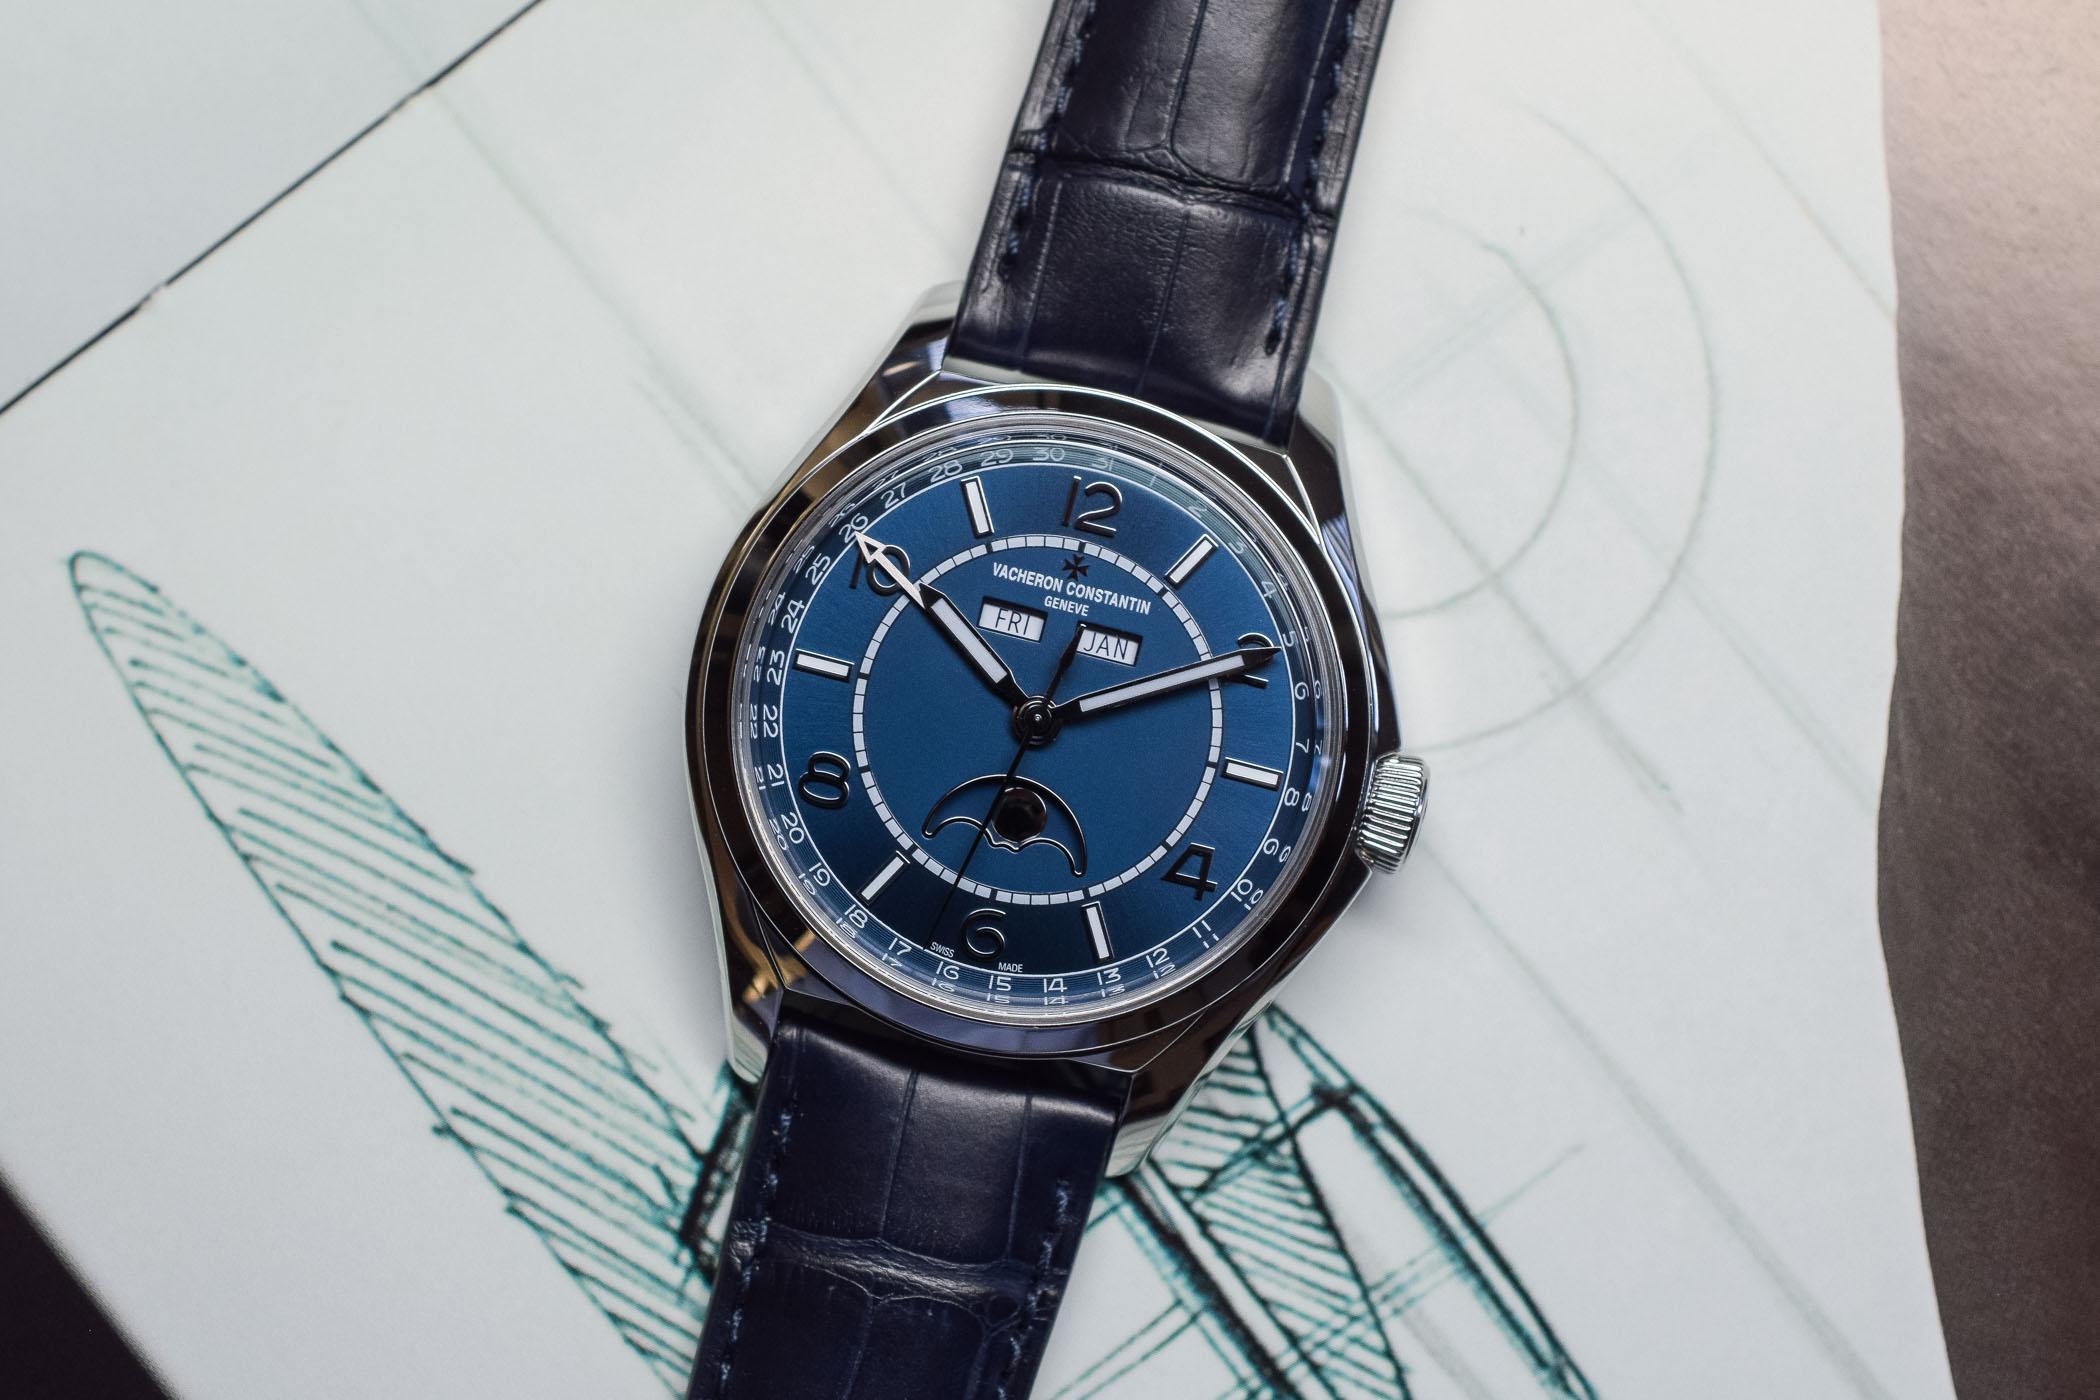 SIHH 2019 - Vacheron Constantin FiftySix Blue Dial - 1